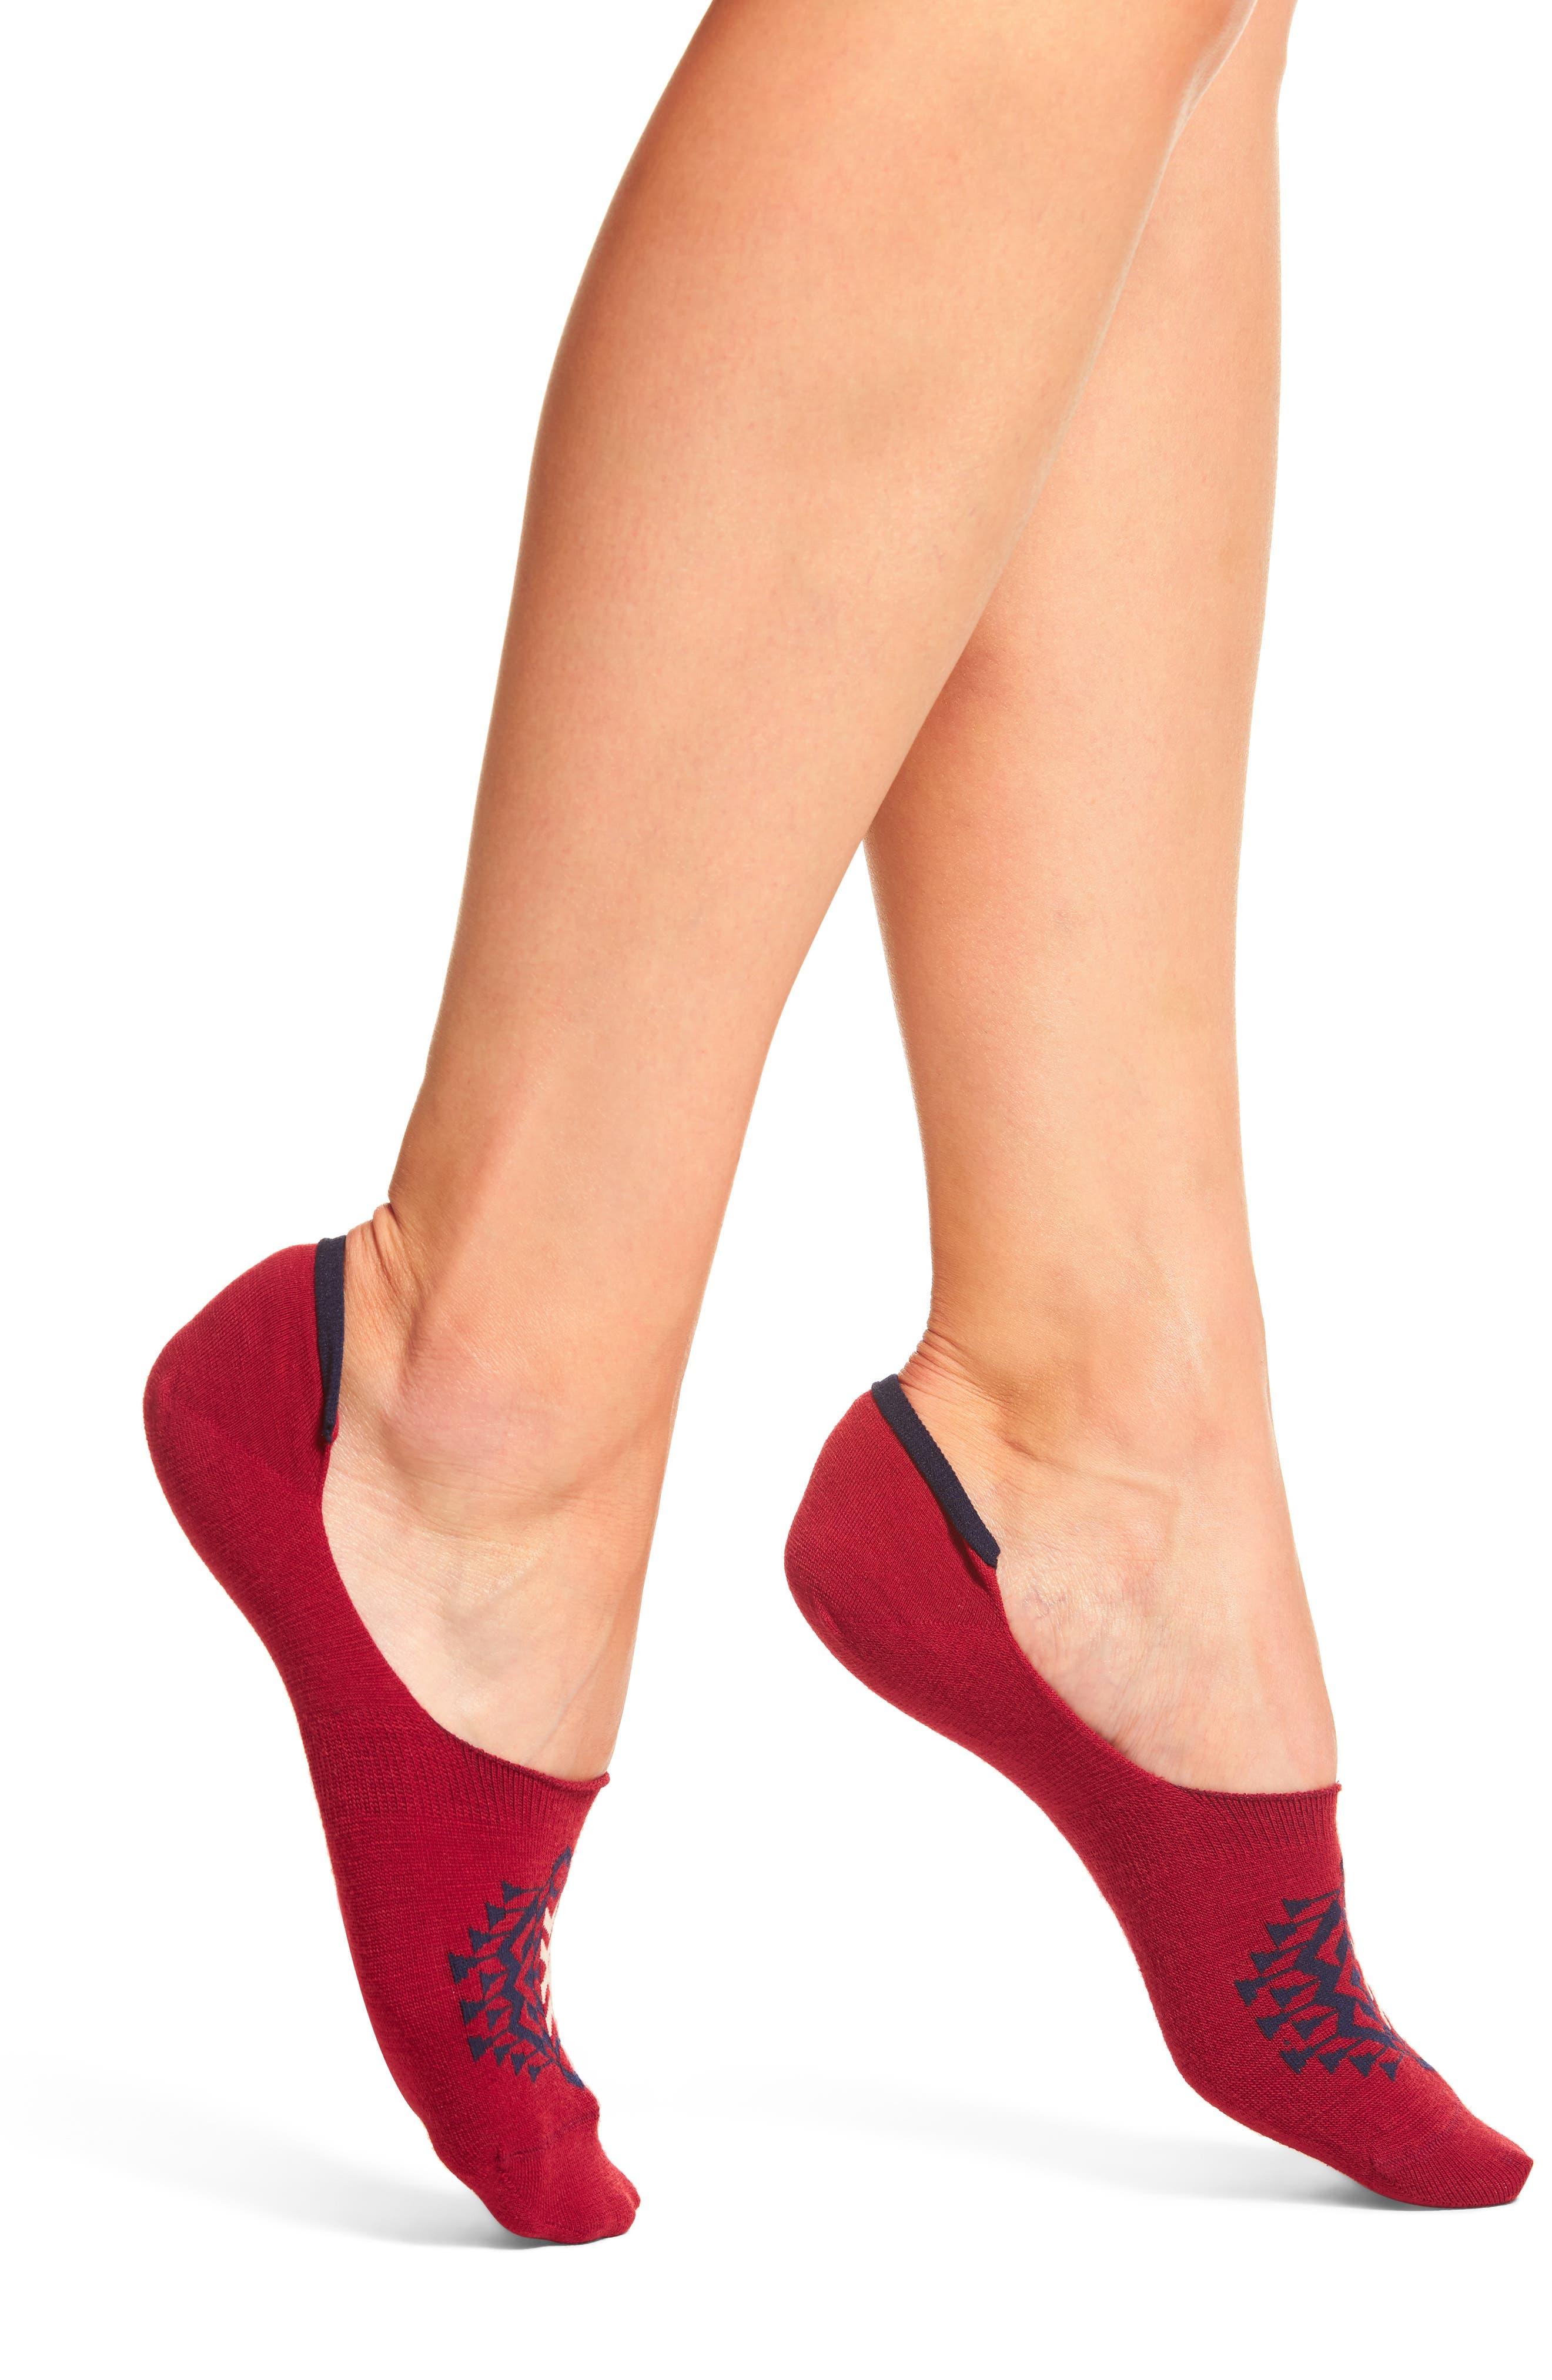 Tolovana No-Show Socks,                         Main,                         color, 600